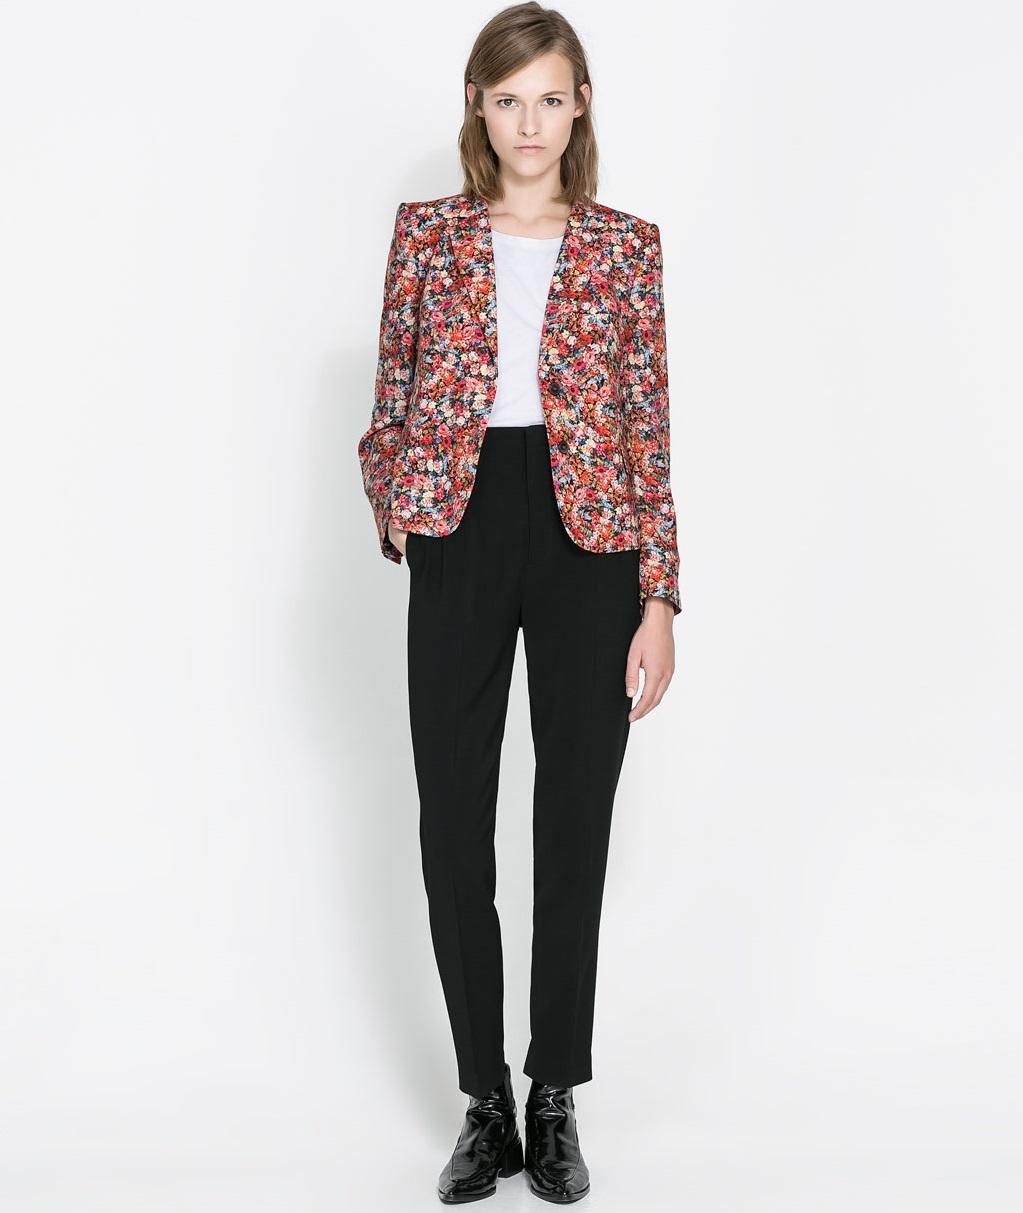 Zara  Официальный сайт